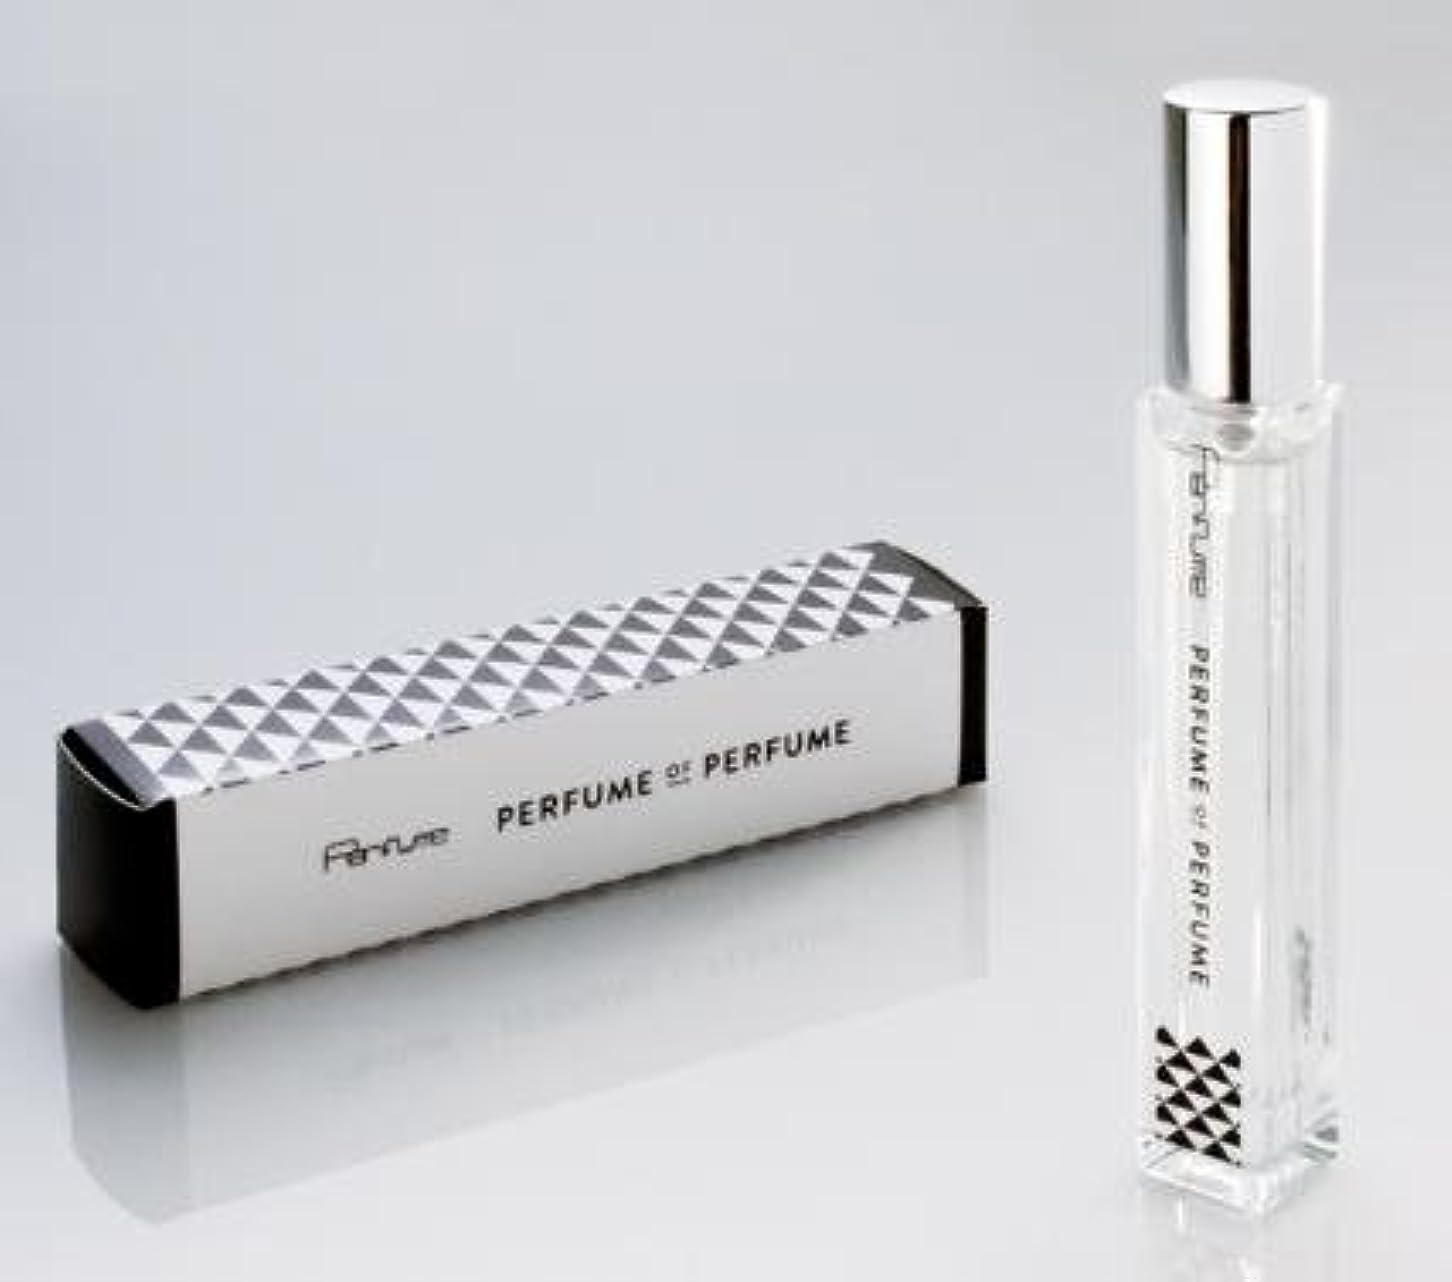 役職まっすぐにする悪いPerfume オリジナル香水 [PERFUME OF PERFUME]